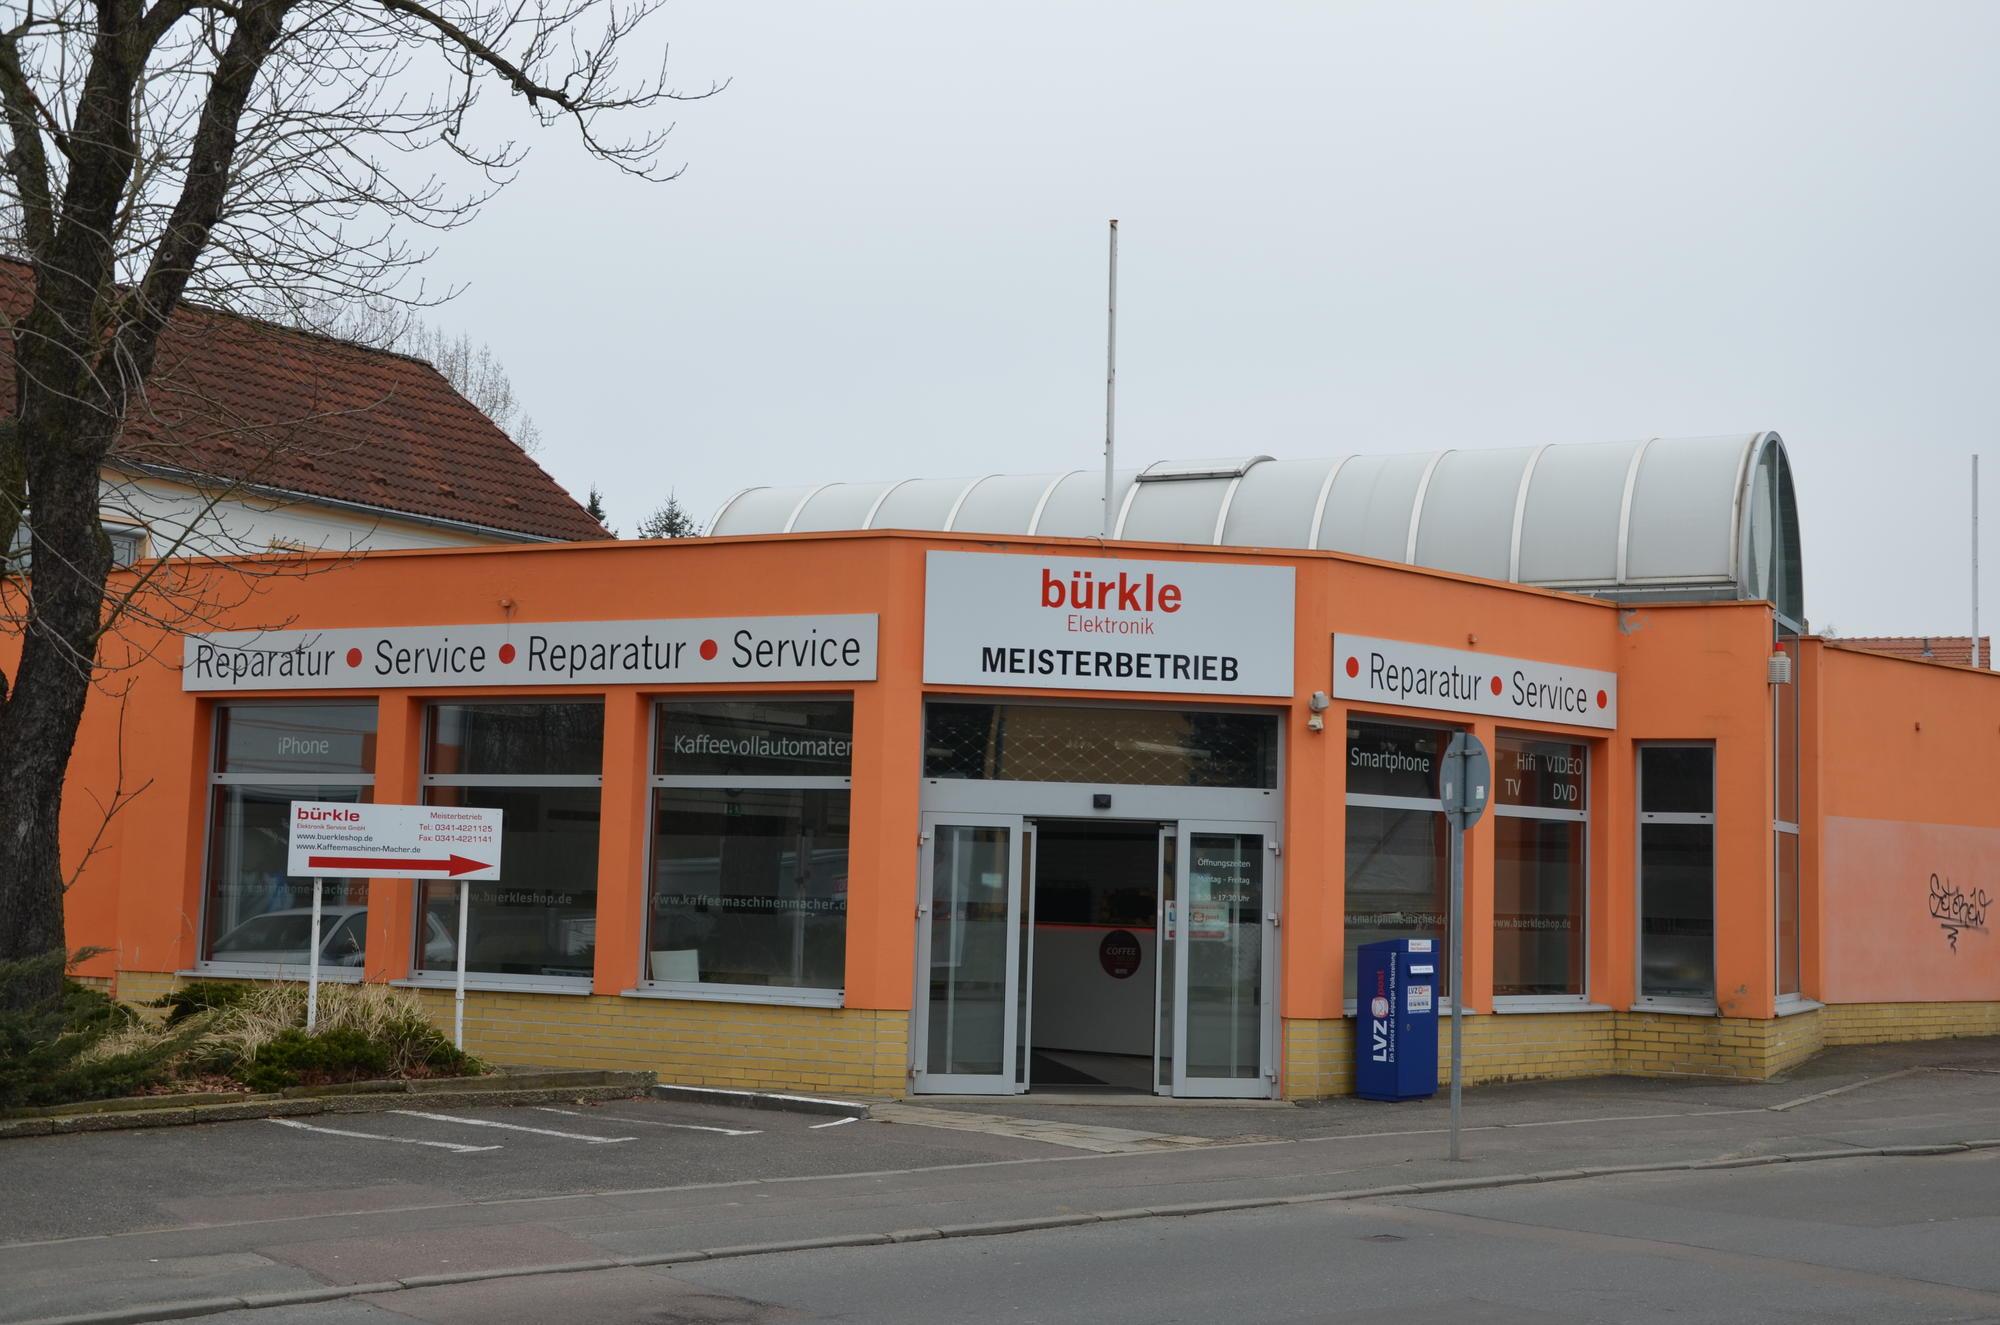 Amica Kühlschrank Seriennummer : Hausgeräte kundendienst leipzig bürkle elektronik service gmbh